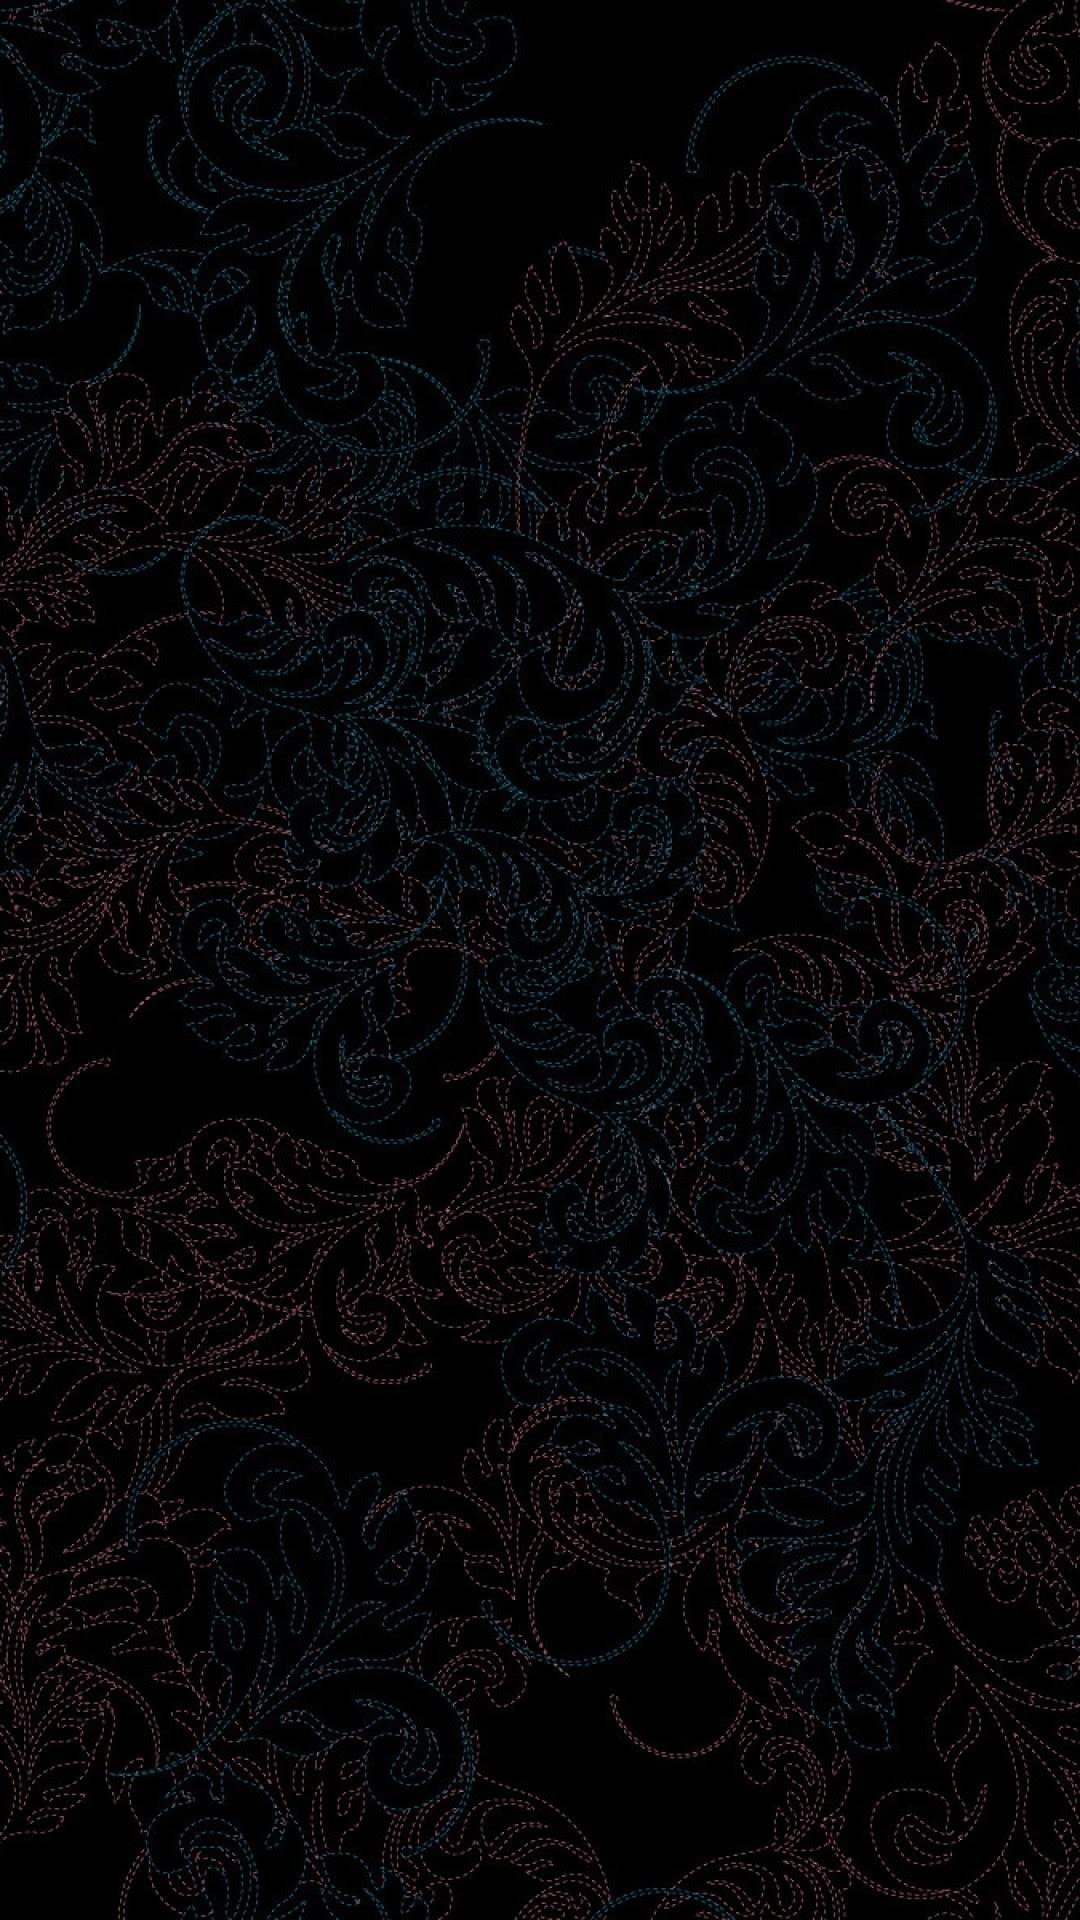 Download 500 Koleksi Wallpaper Xiaomi Black Foto Gratis Terbaru